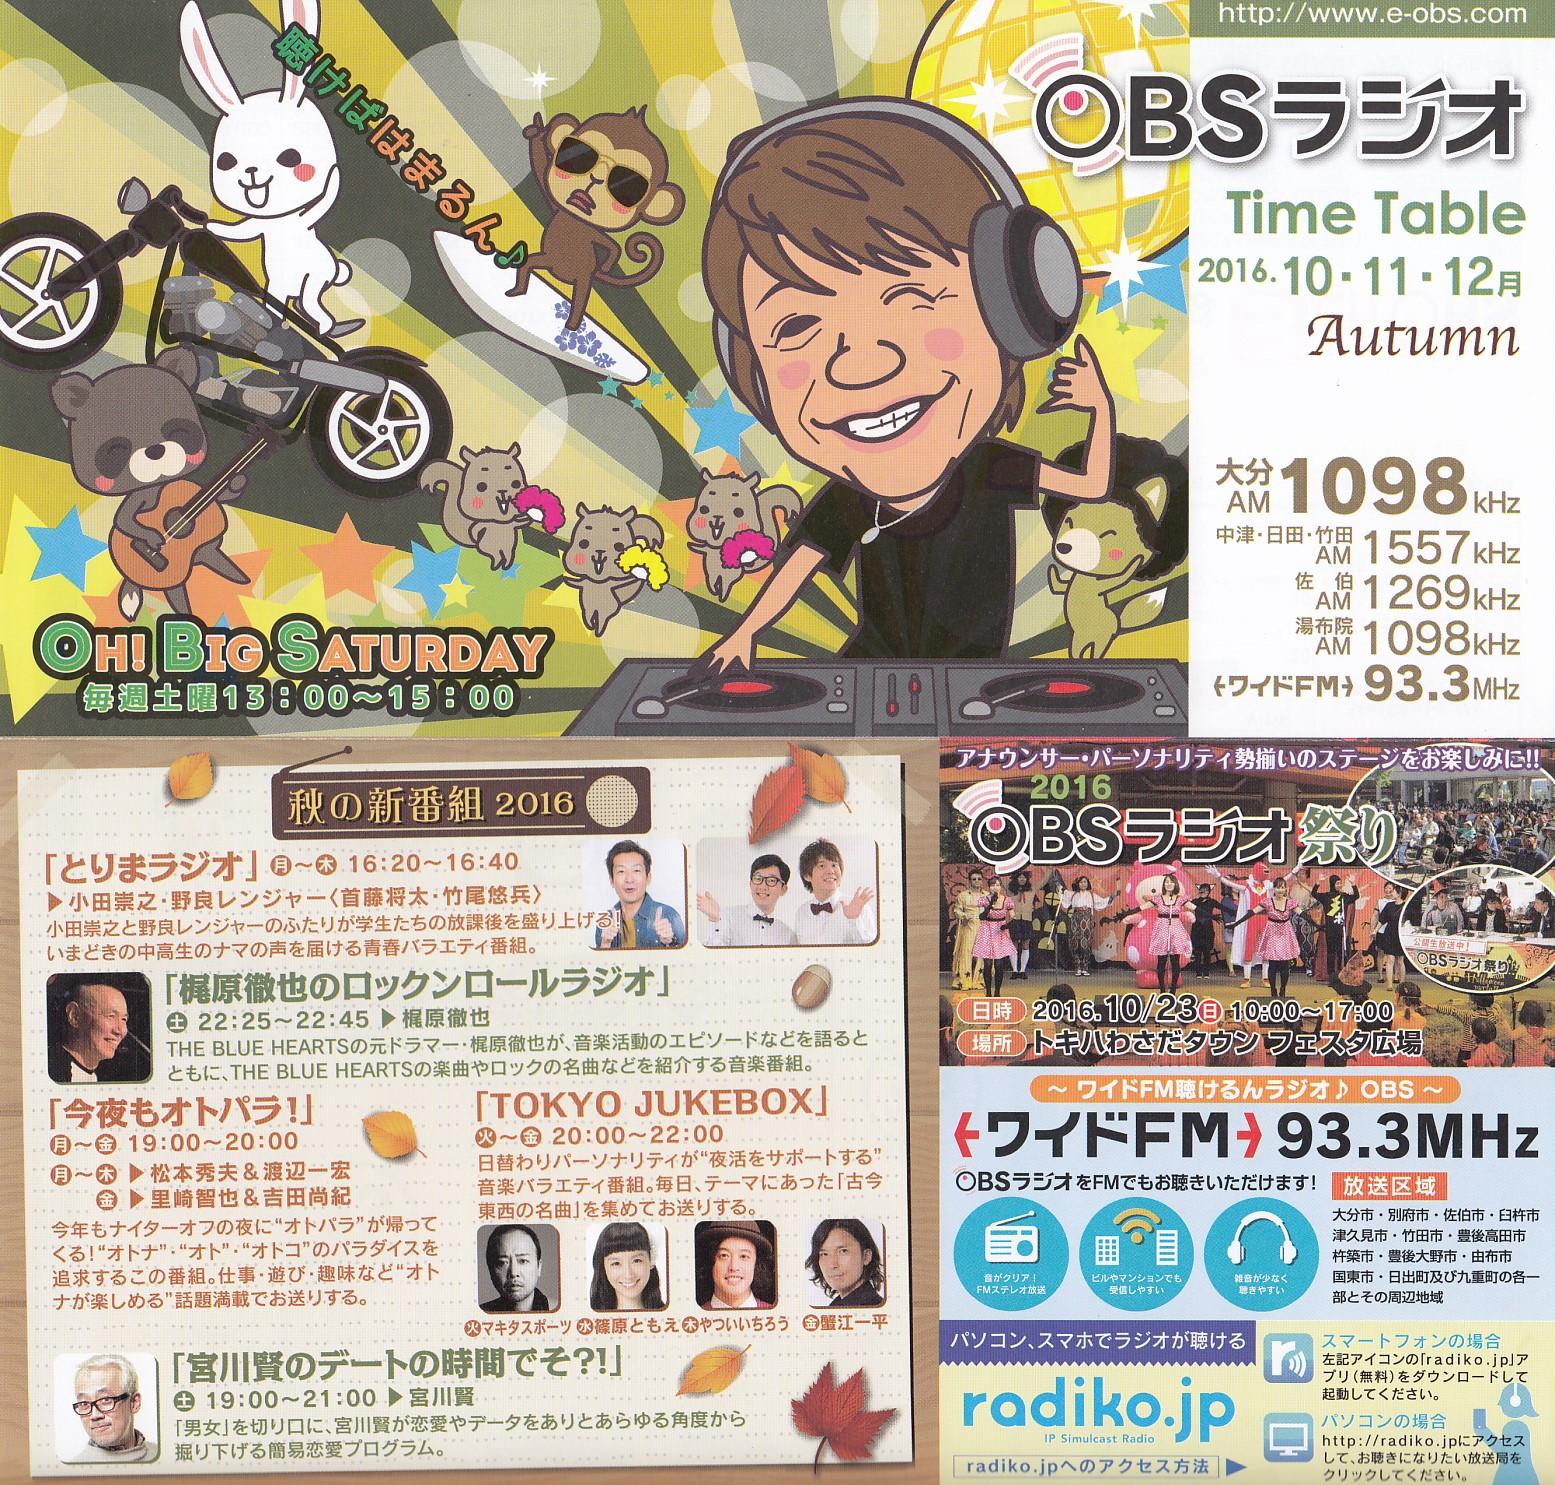 大分放送 OBSラジオ ベリカード: BCLとライセンスフリー